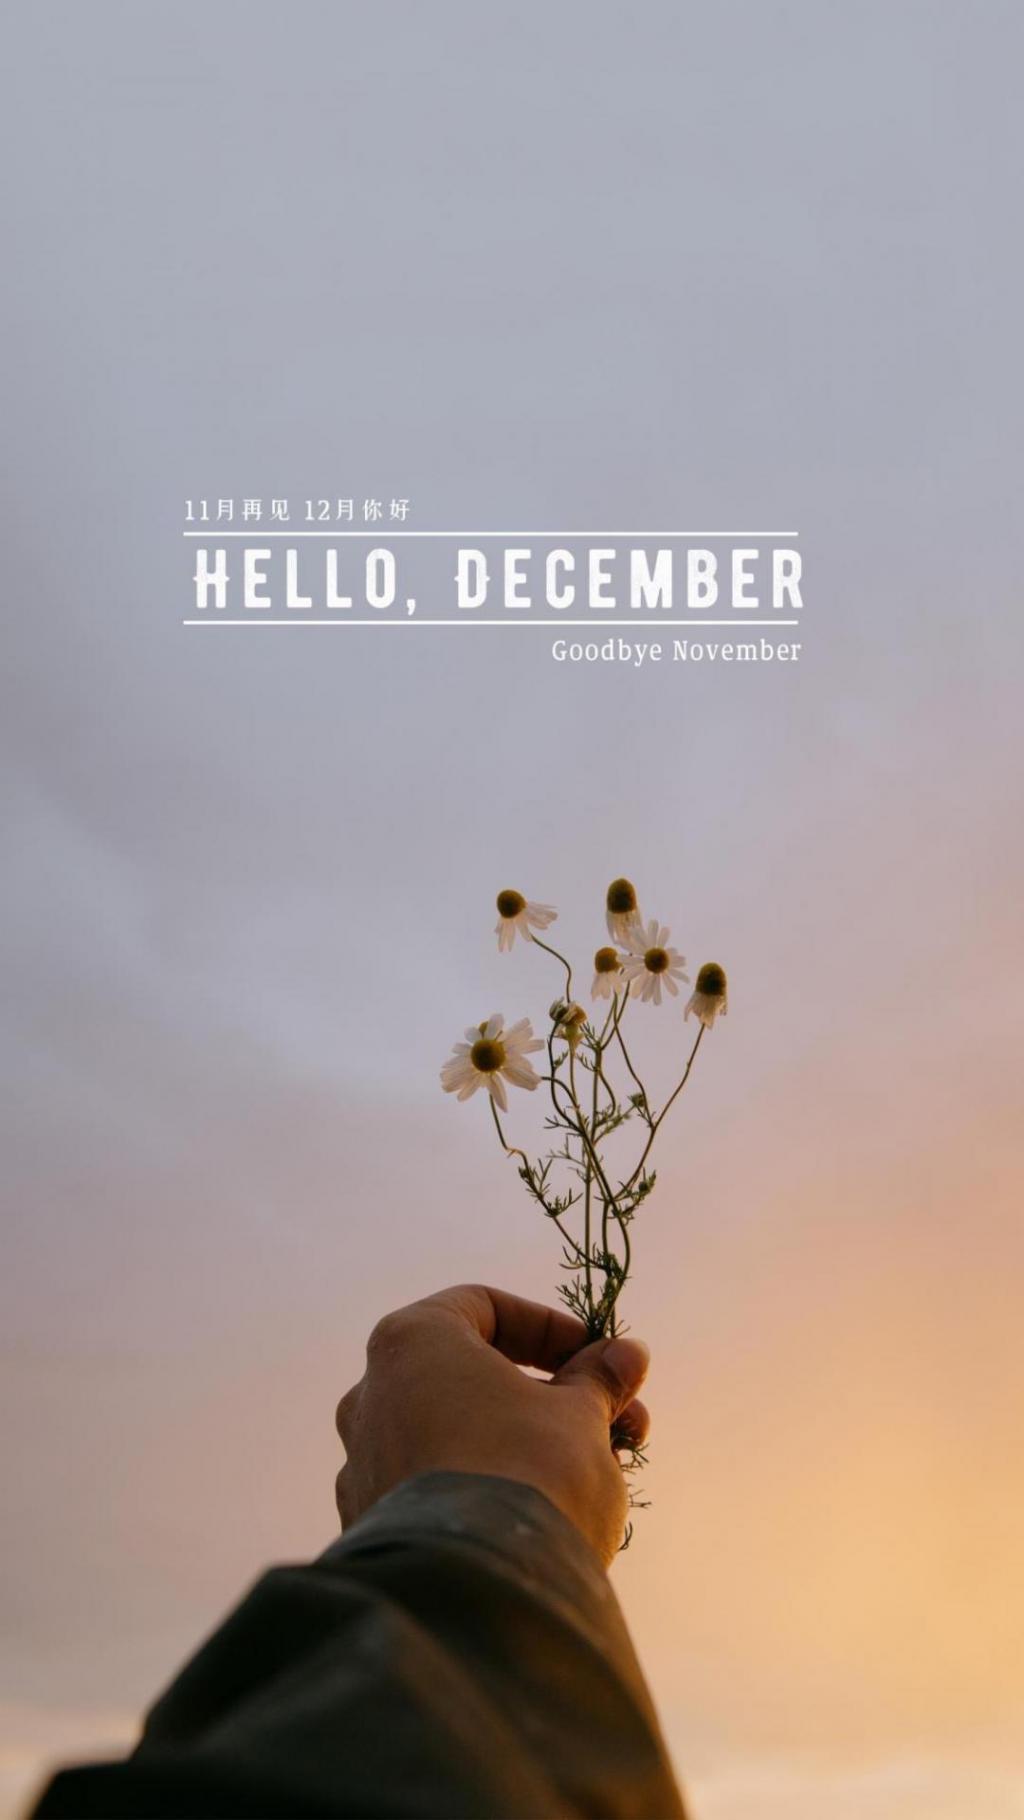 11月再见,12月你好清新唯美风景